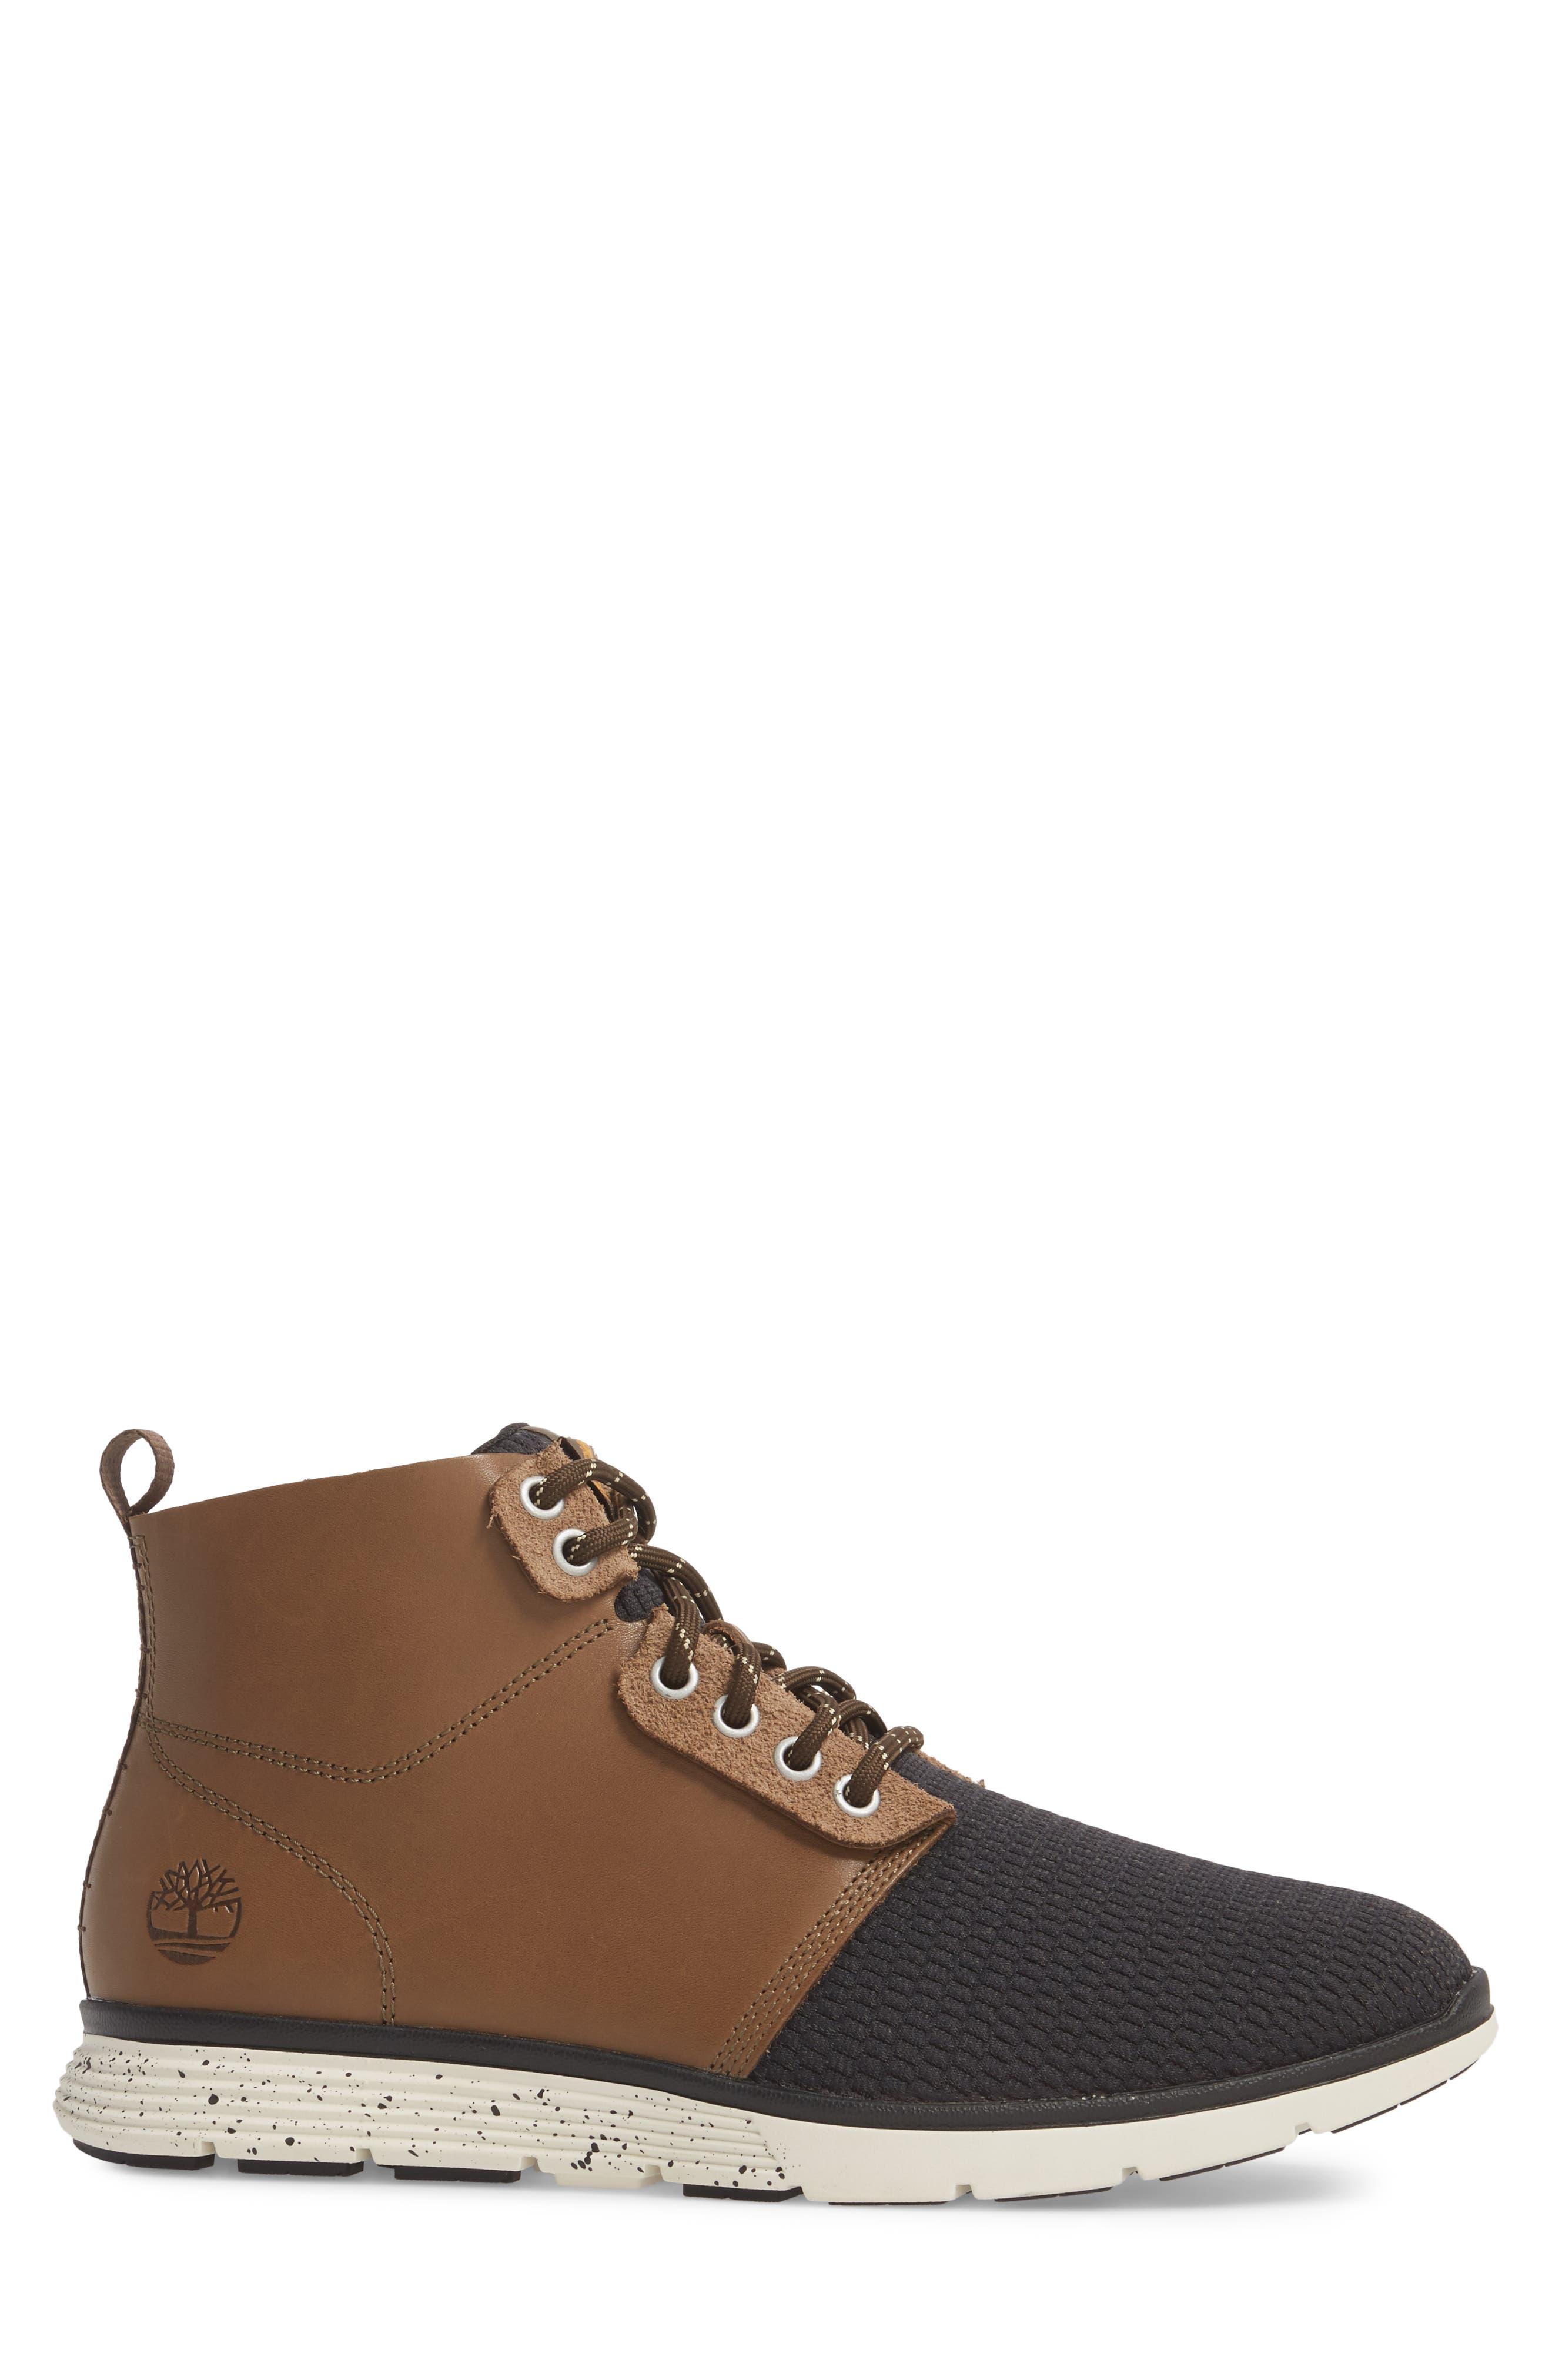 Killington Plain Toe Boot,                             Alternate thumbnail 3, color,                             Buckskin Leather